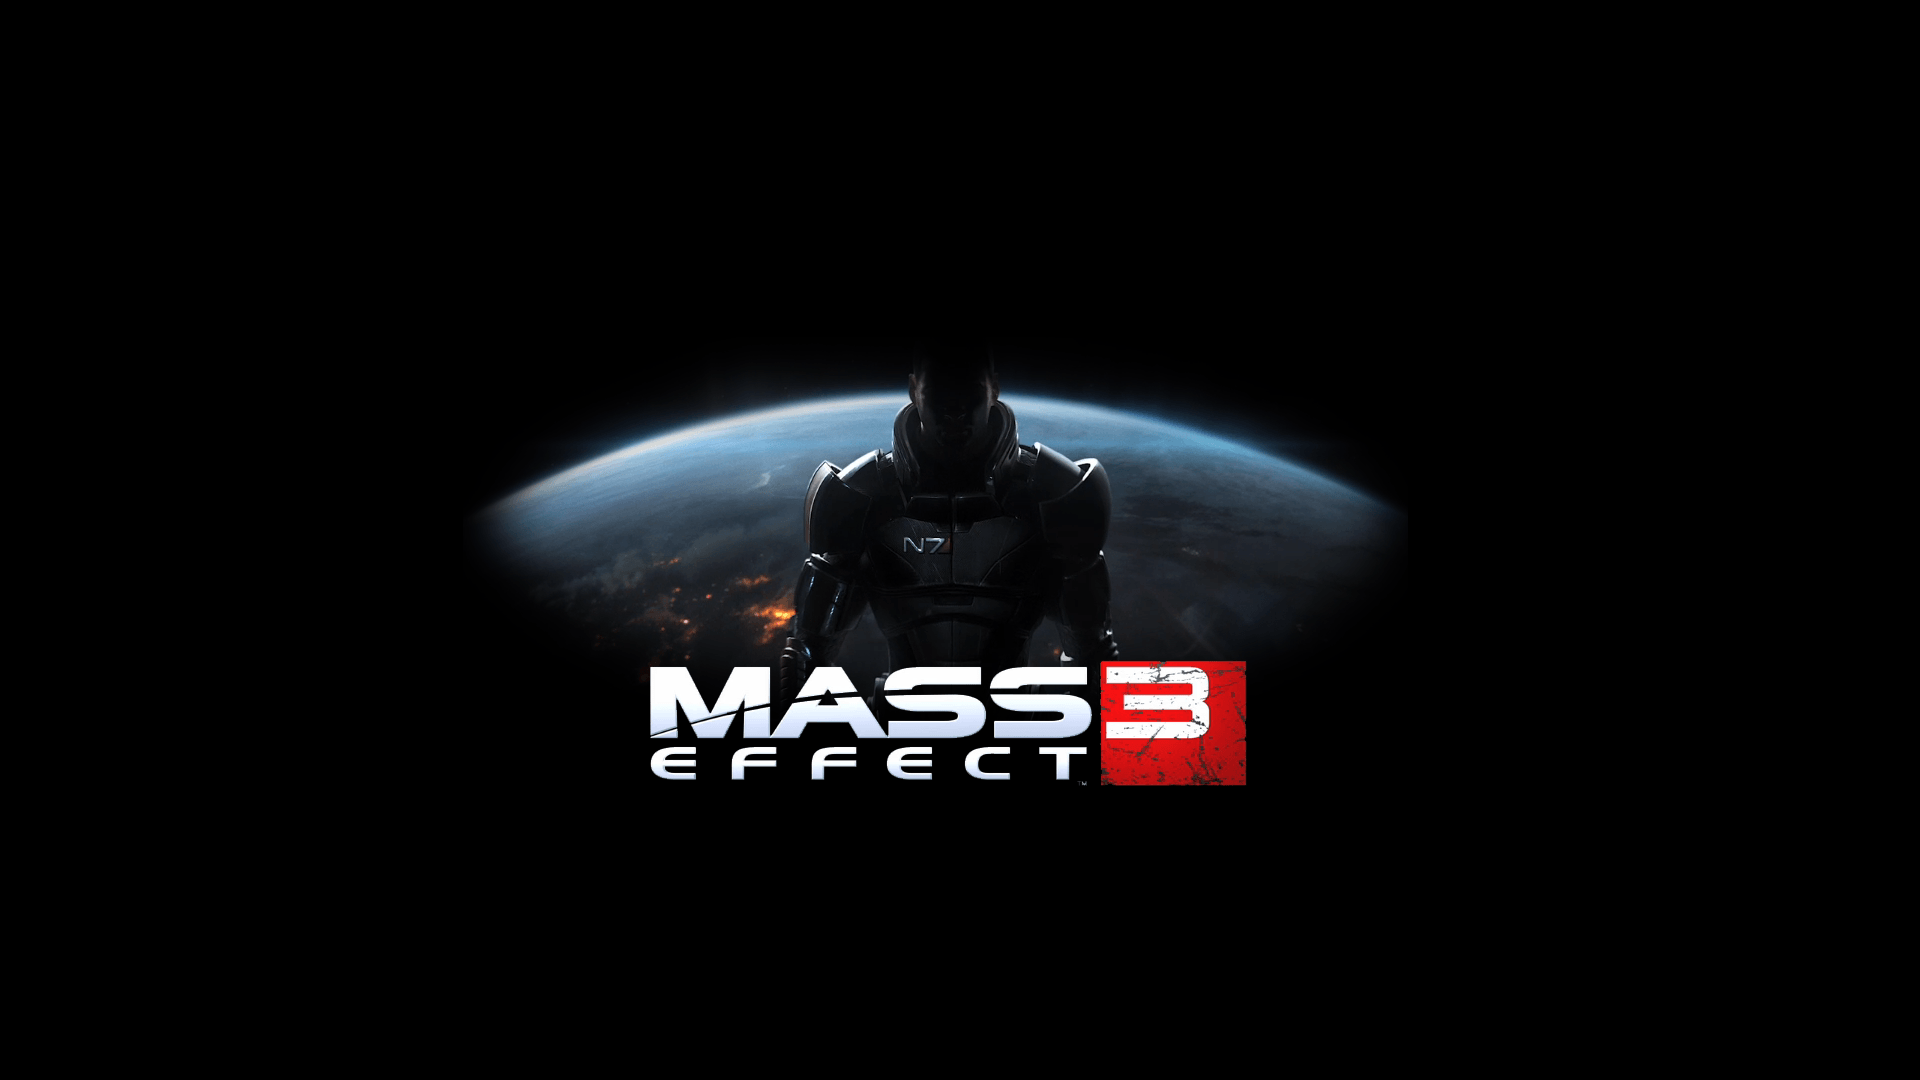 395 mass effect hd - photo #19